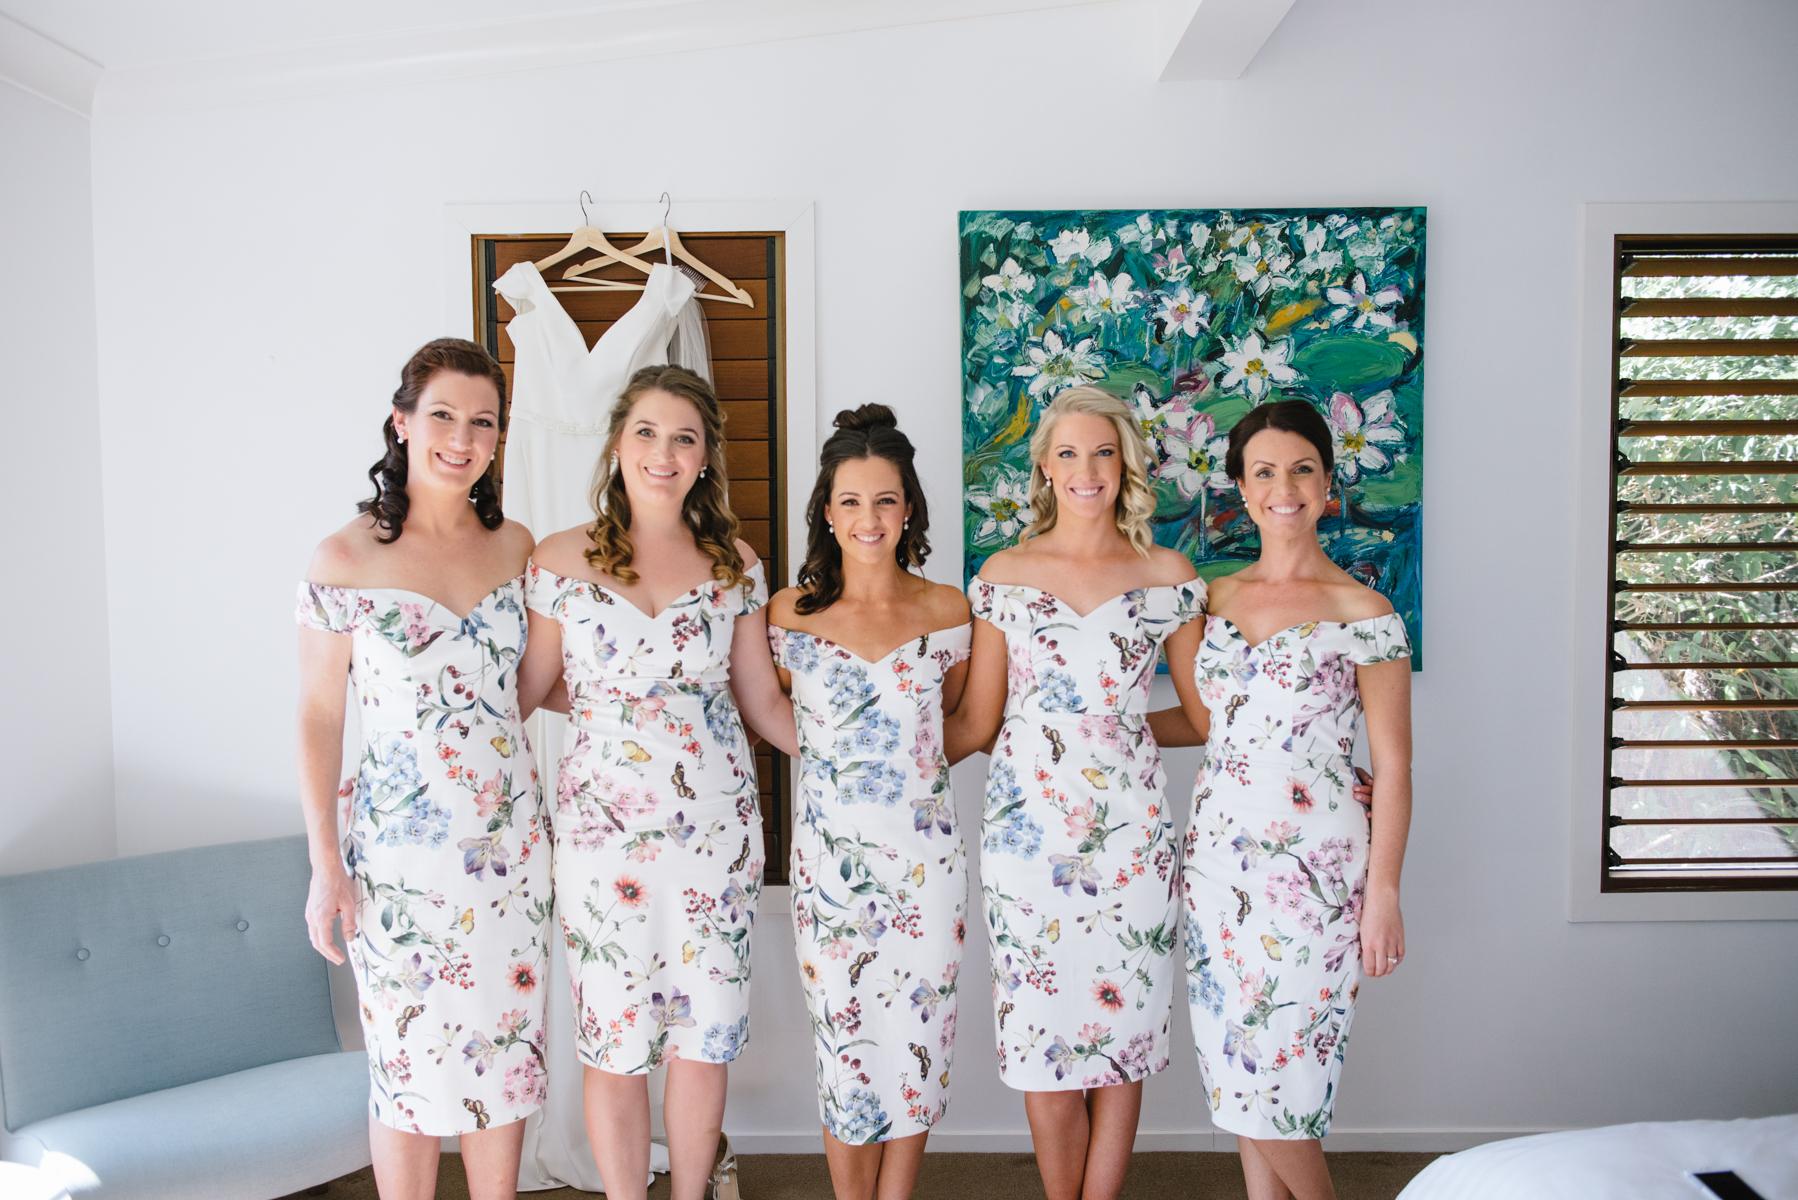 sarahandBenwedding- skyla sage photography weddings, families, byron bay,tweed coast,kingscliff,cabarita,gold coast-225.jpg